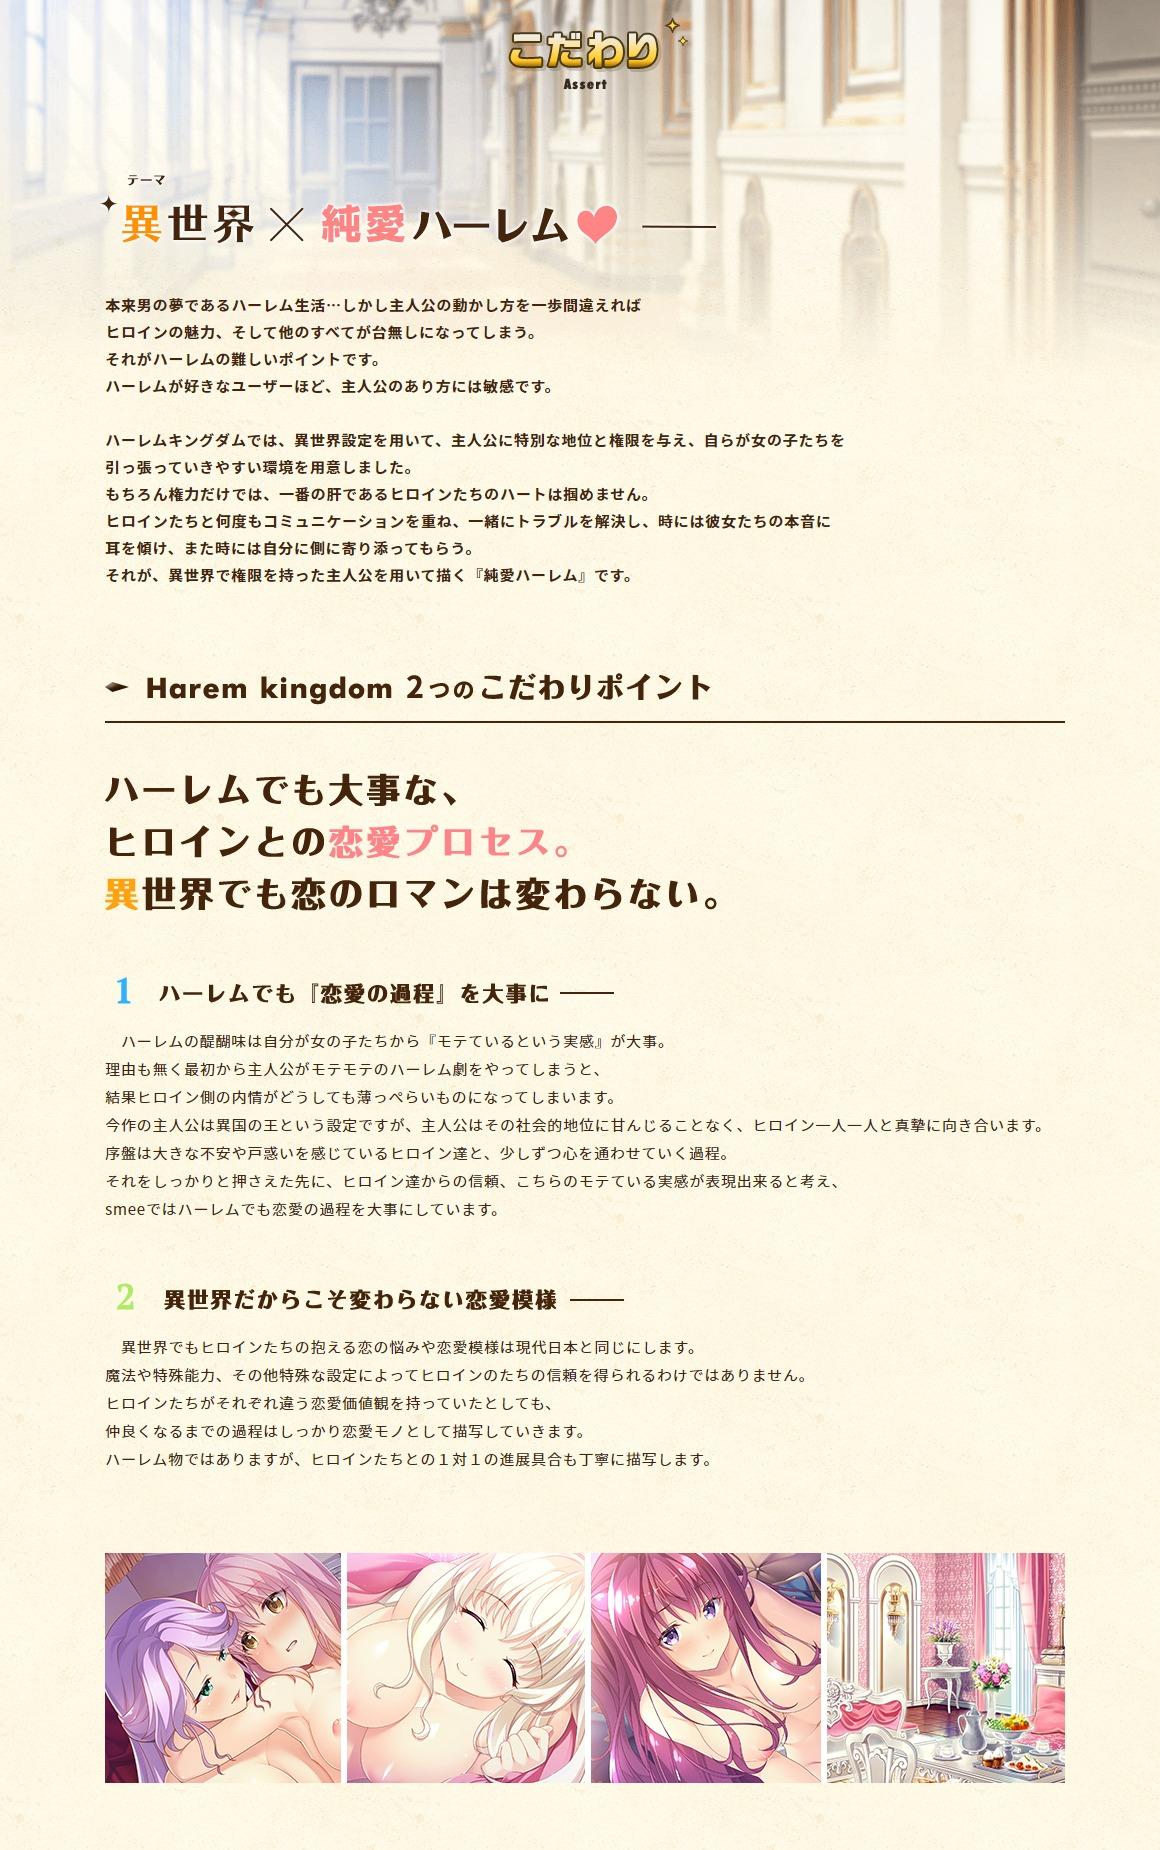 こだわり|HaremKingdom(ハーレムキングダム)|SMEE 11th Project